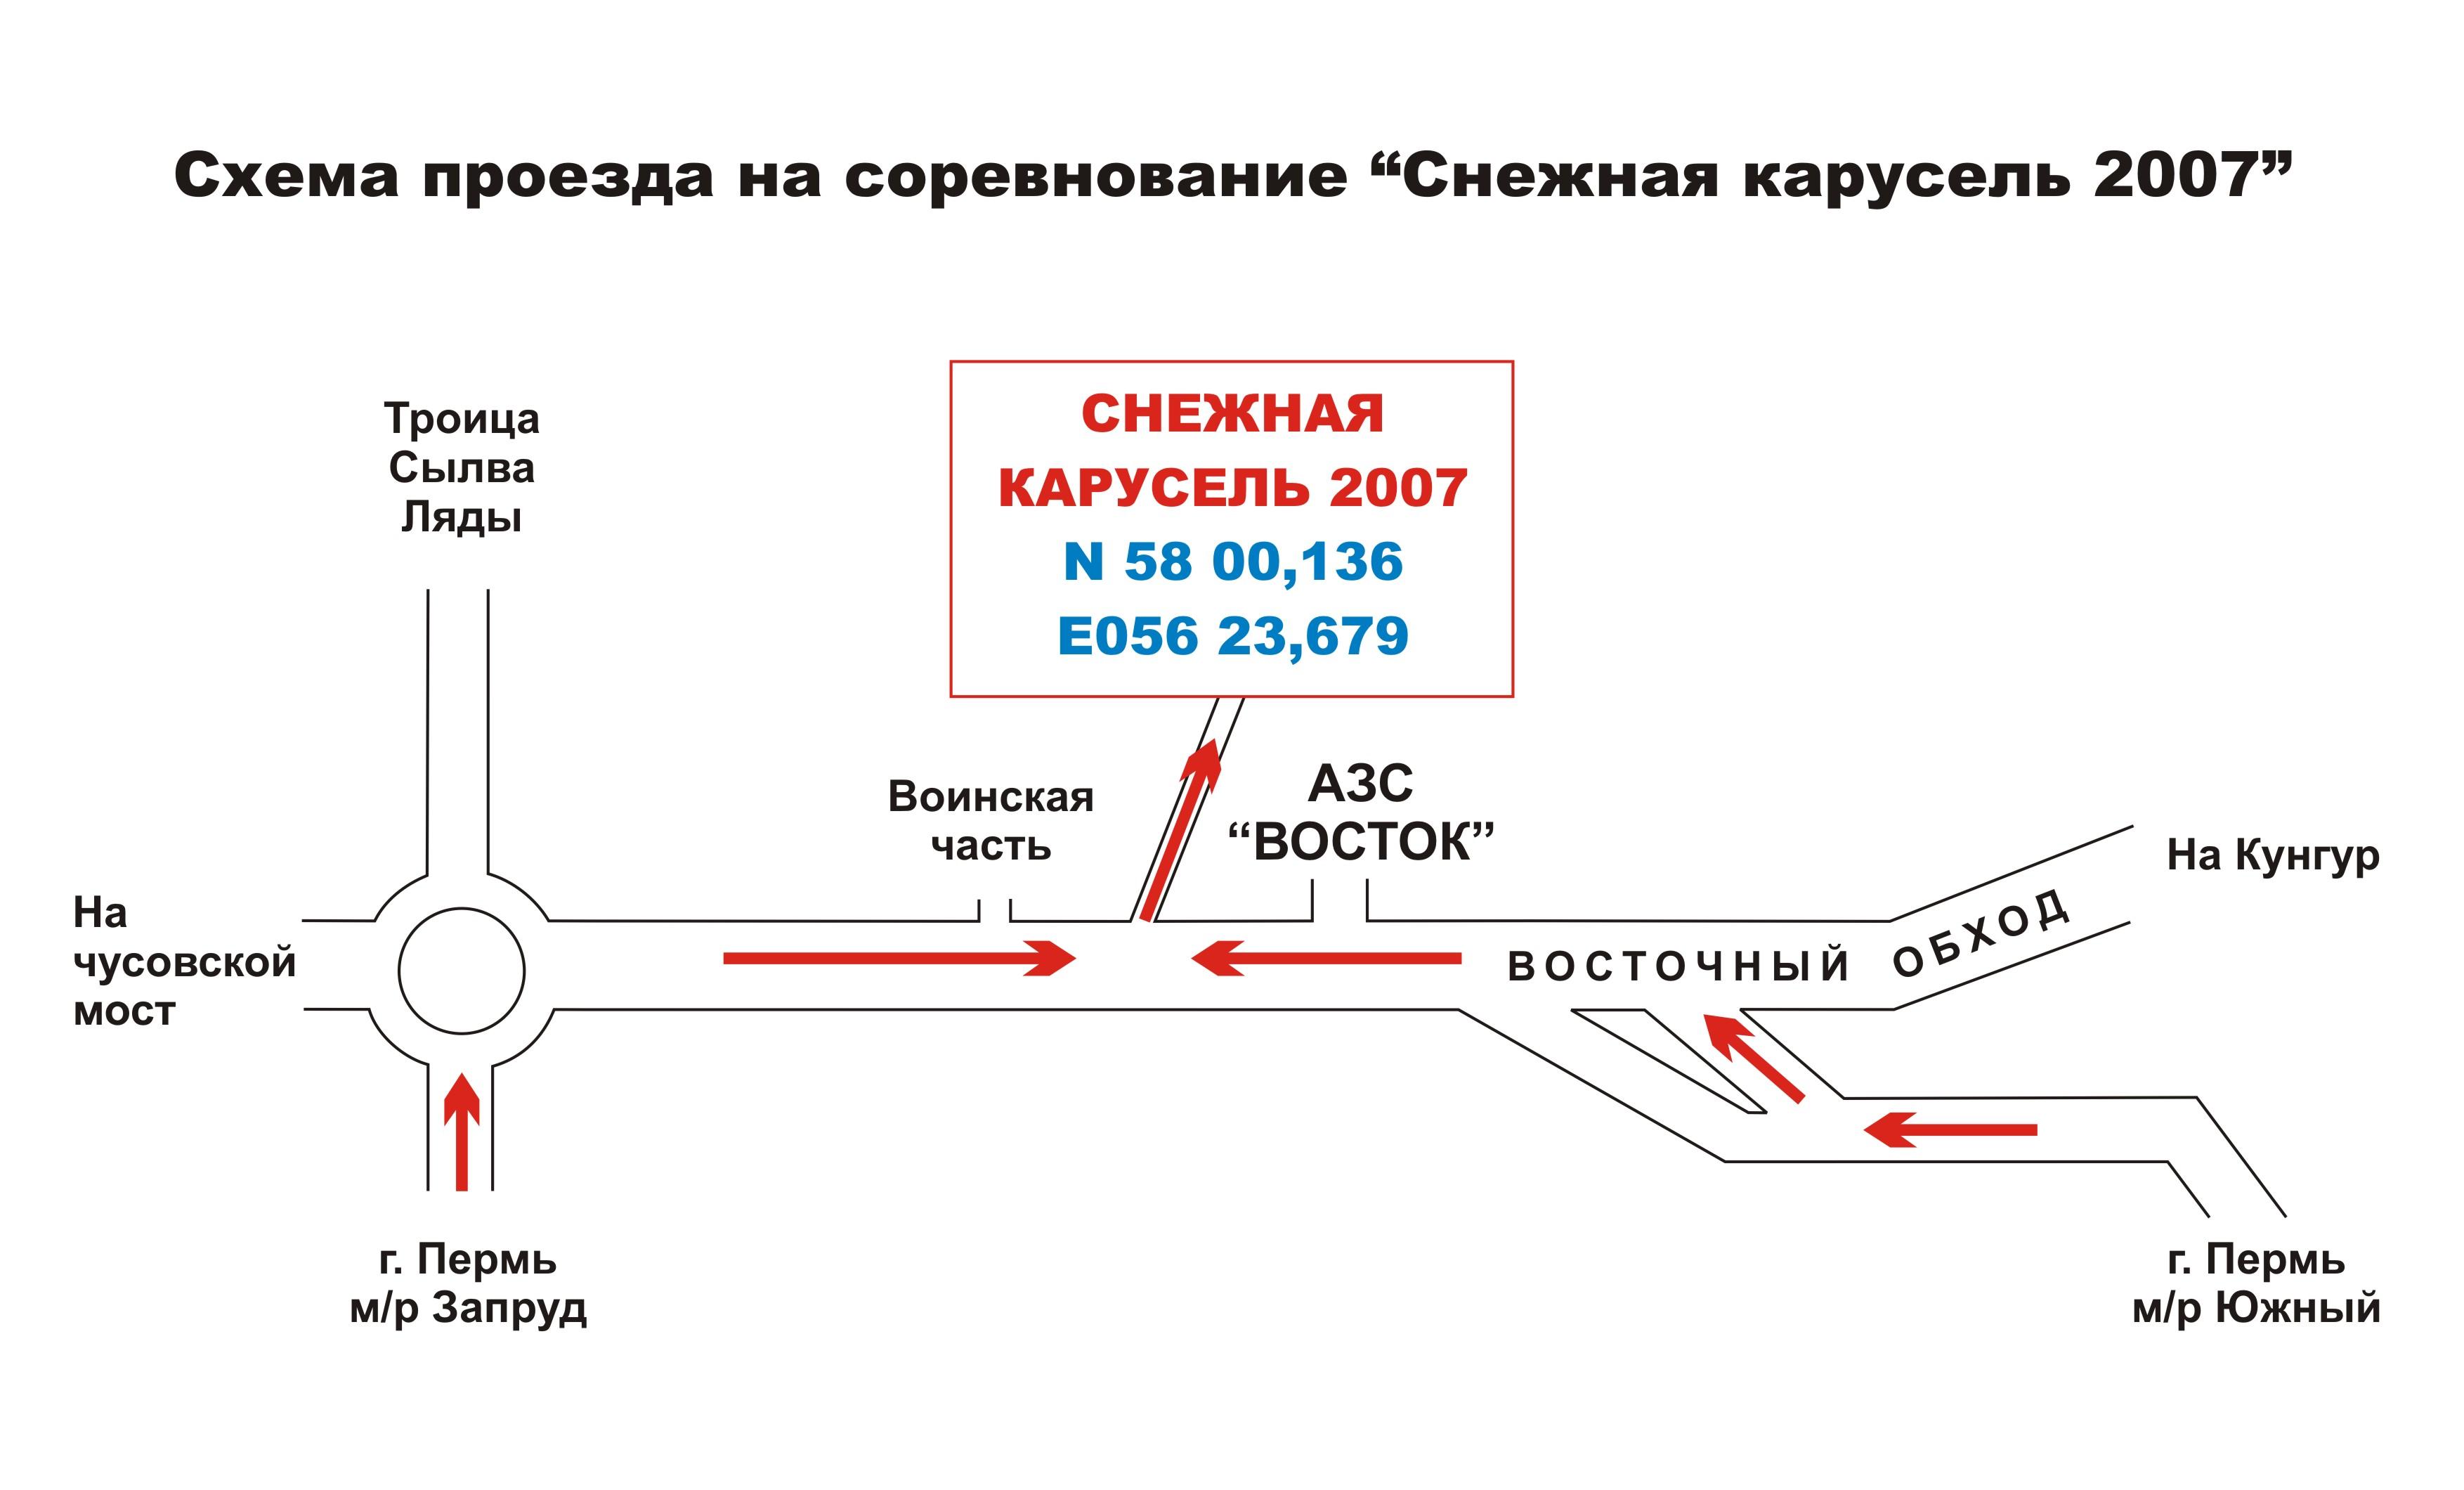 Схема проезда к снежком